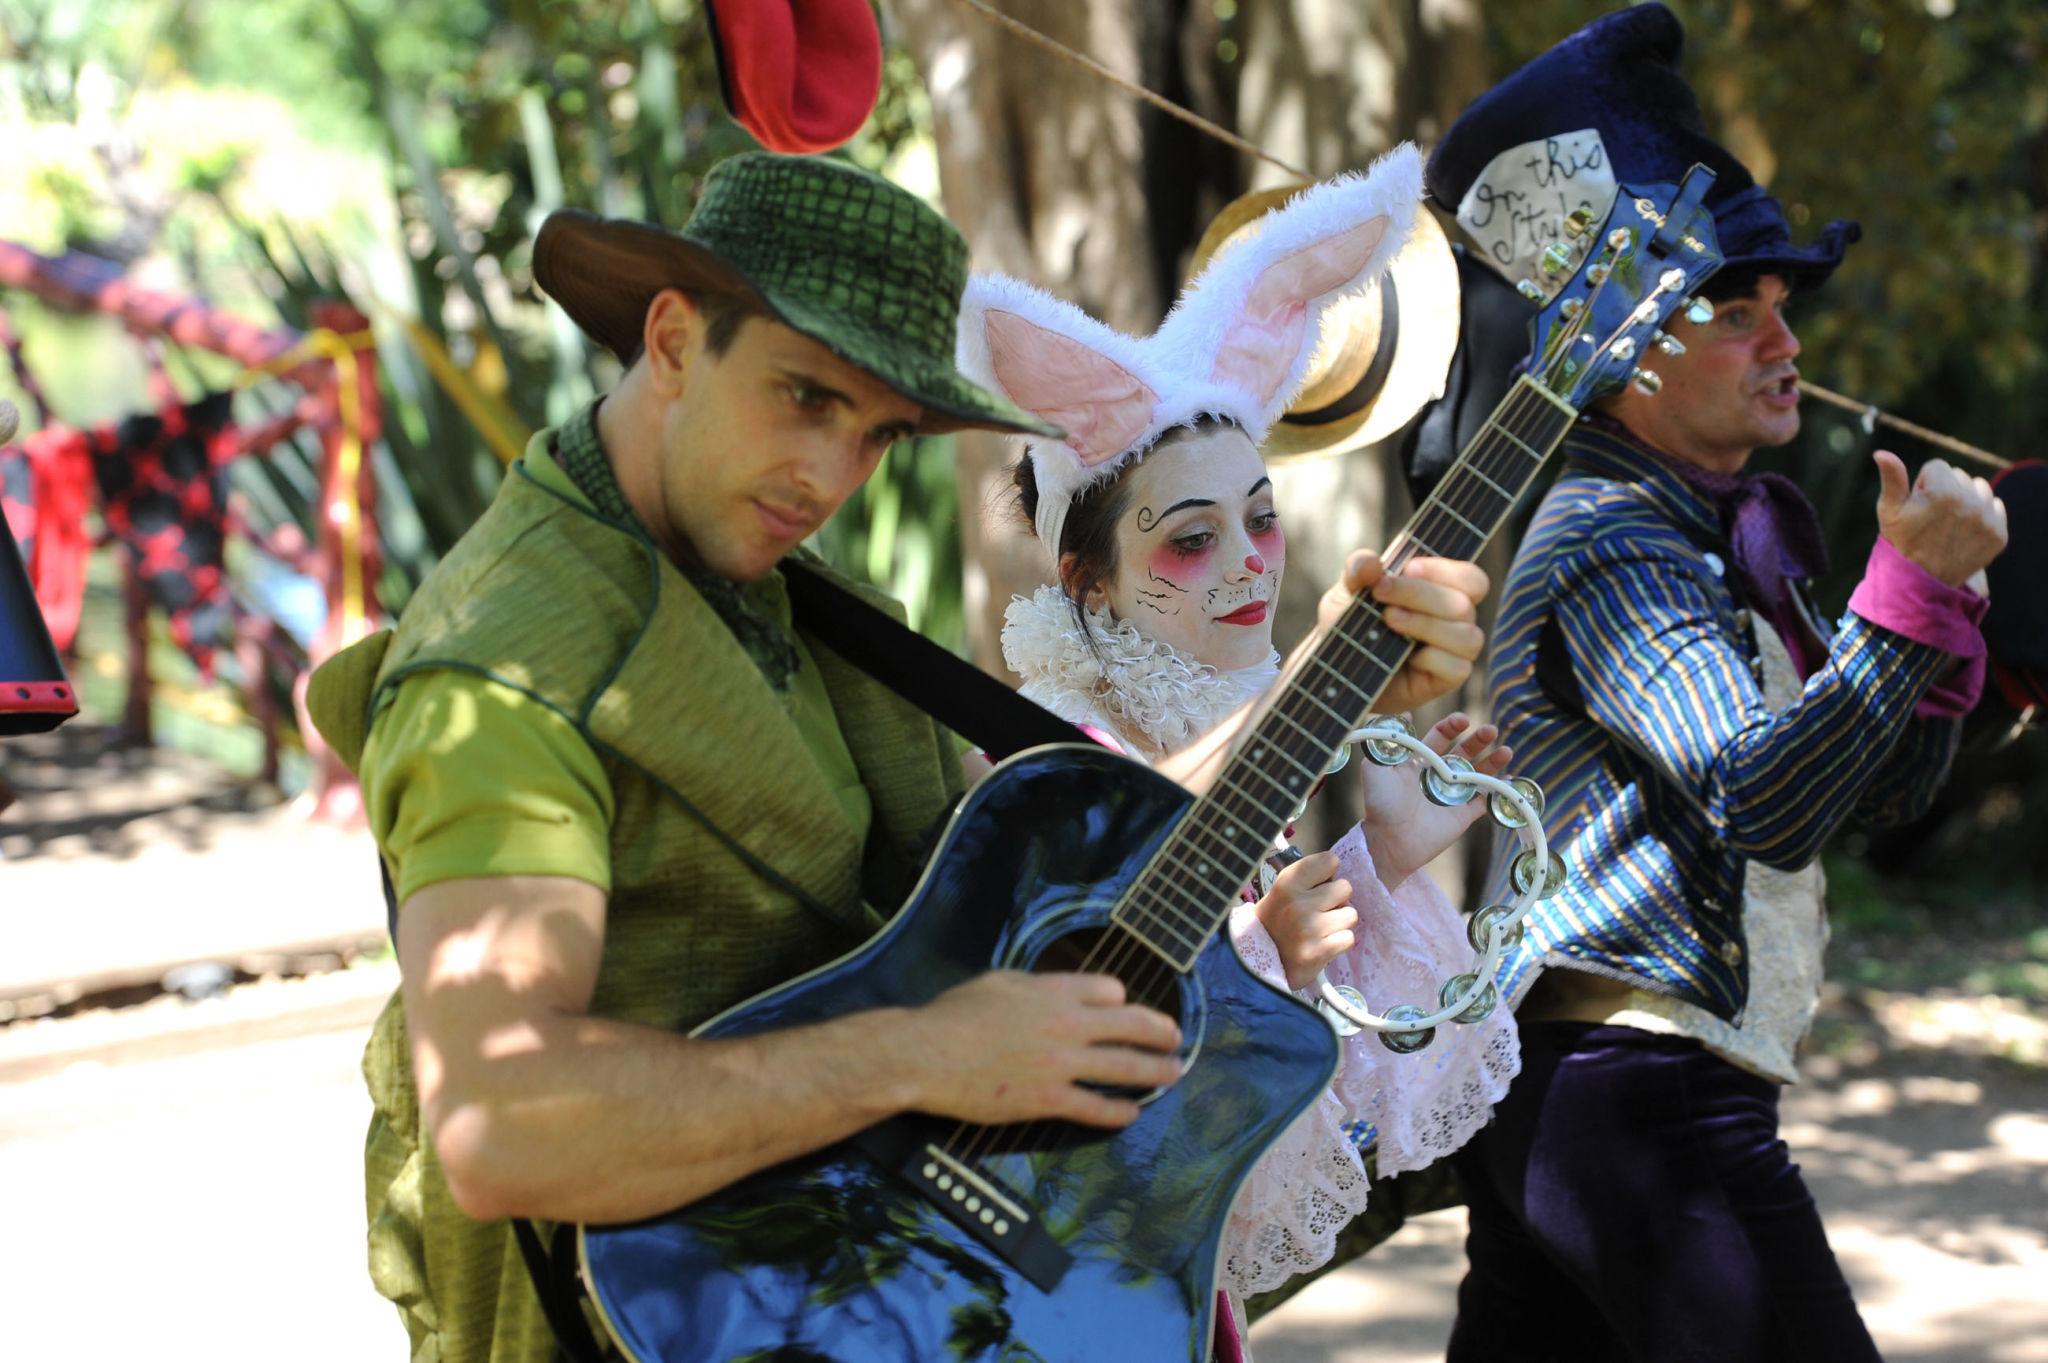 Alice in Never Neverland credit Matt Deiler